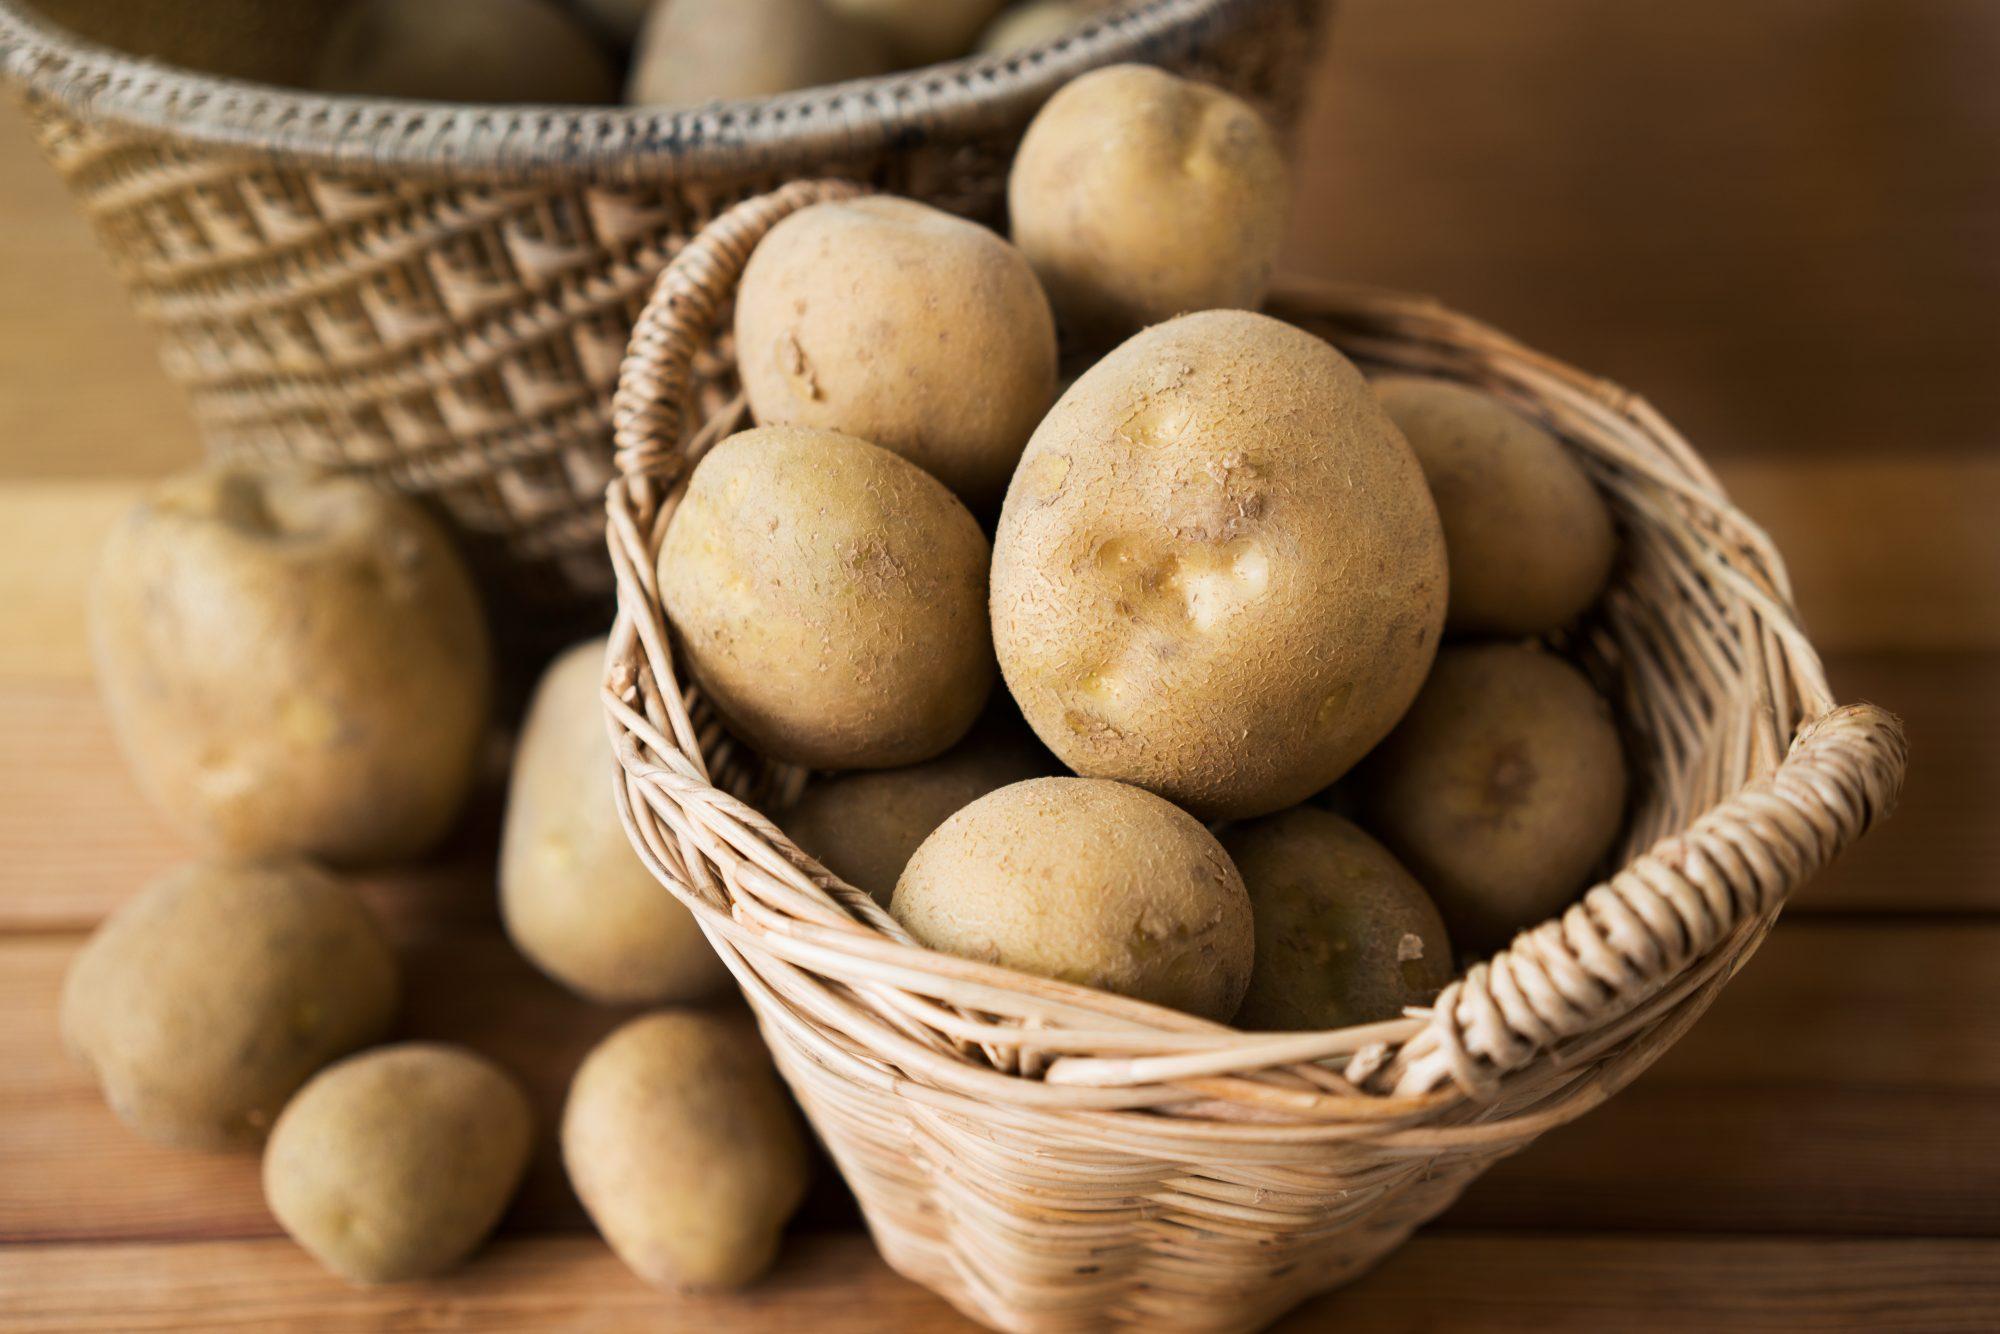 Potatoes in basket Getty 4/7/20